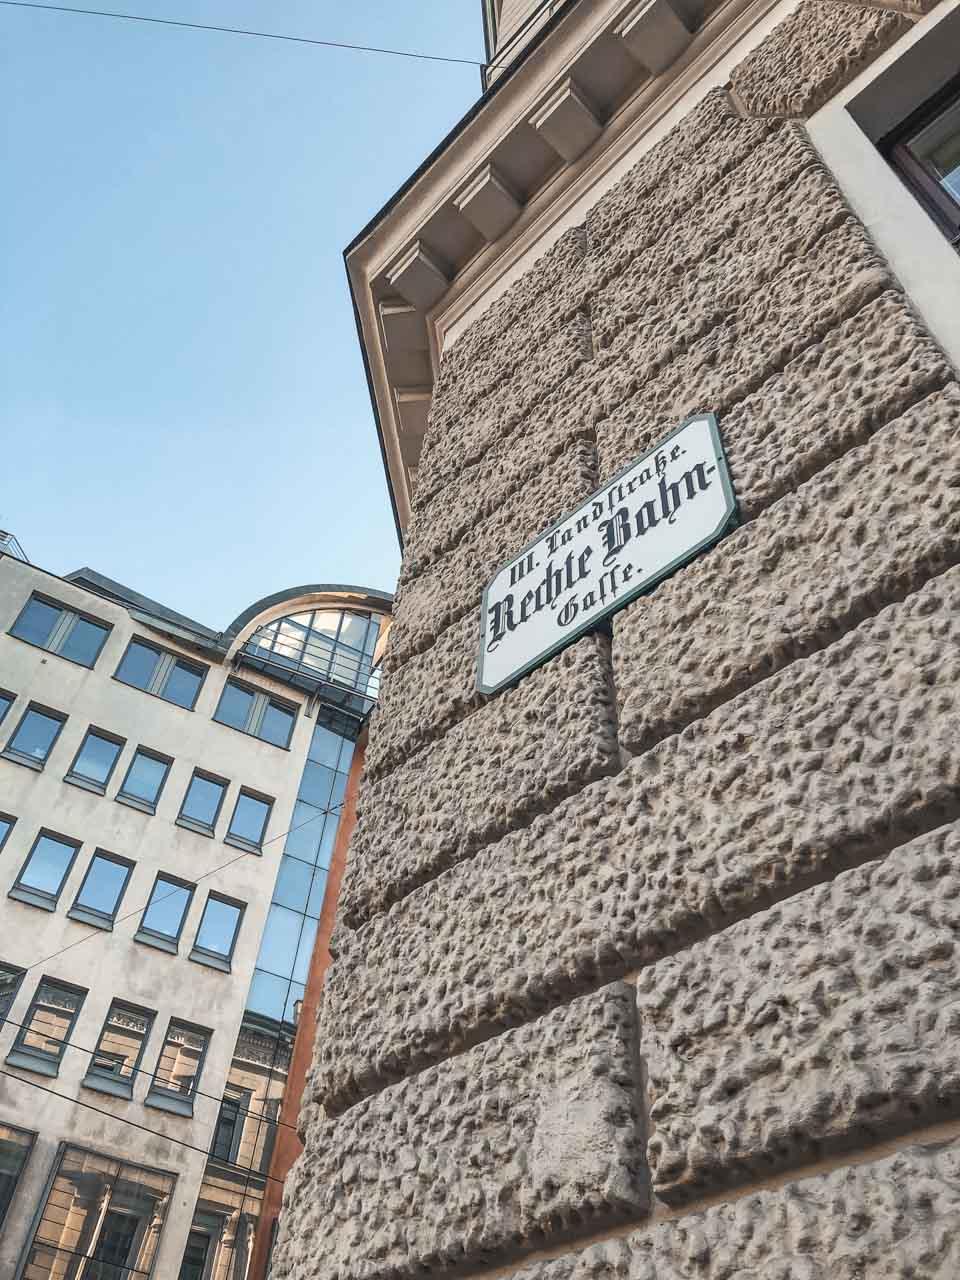 A street sign in Vienna, Austria